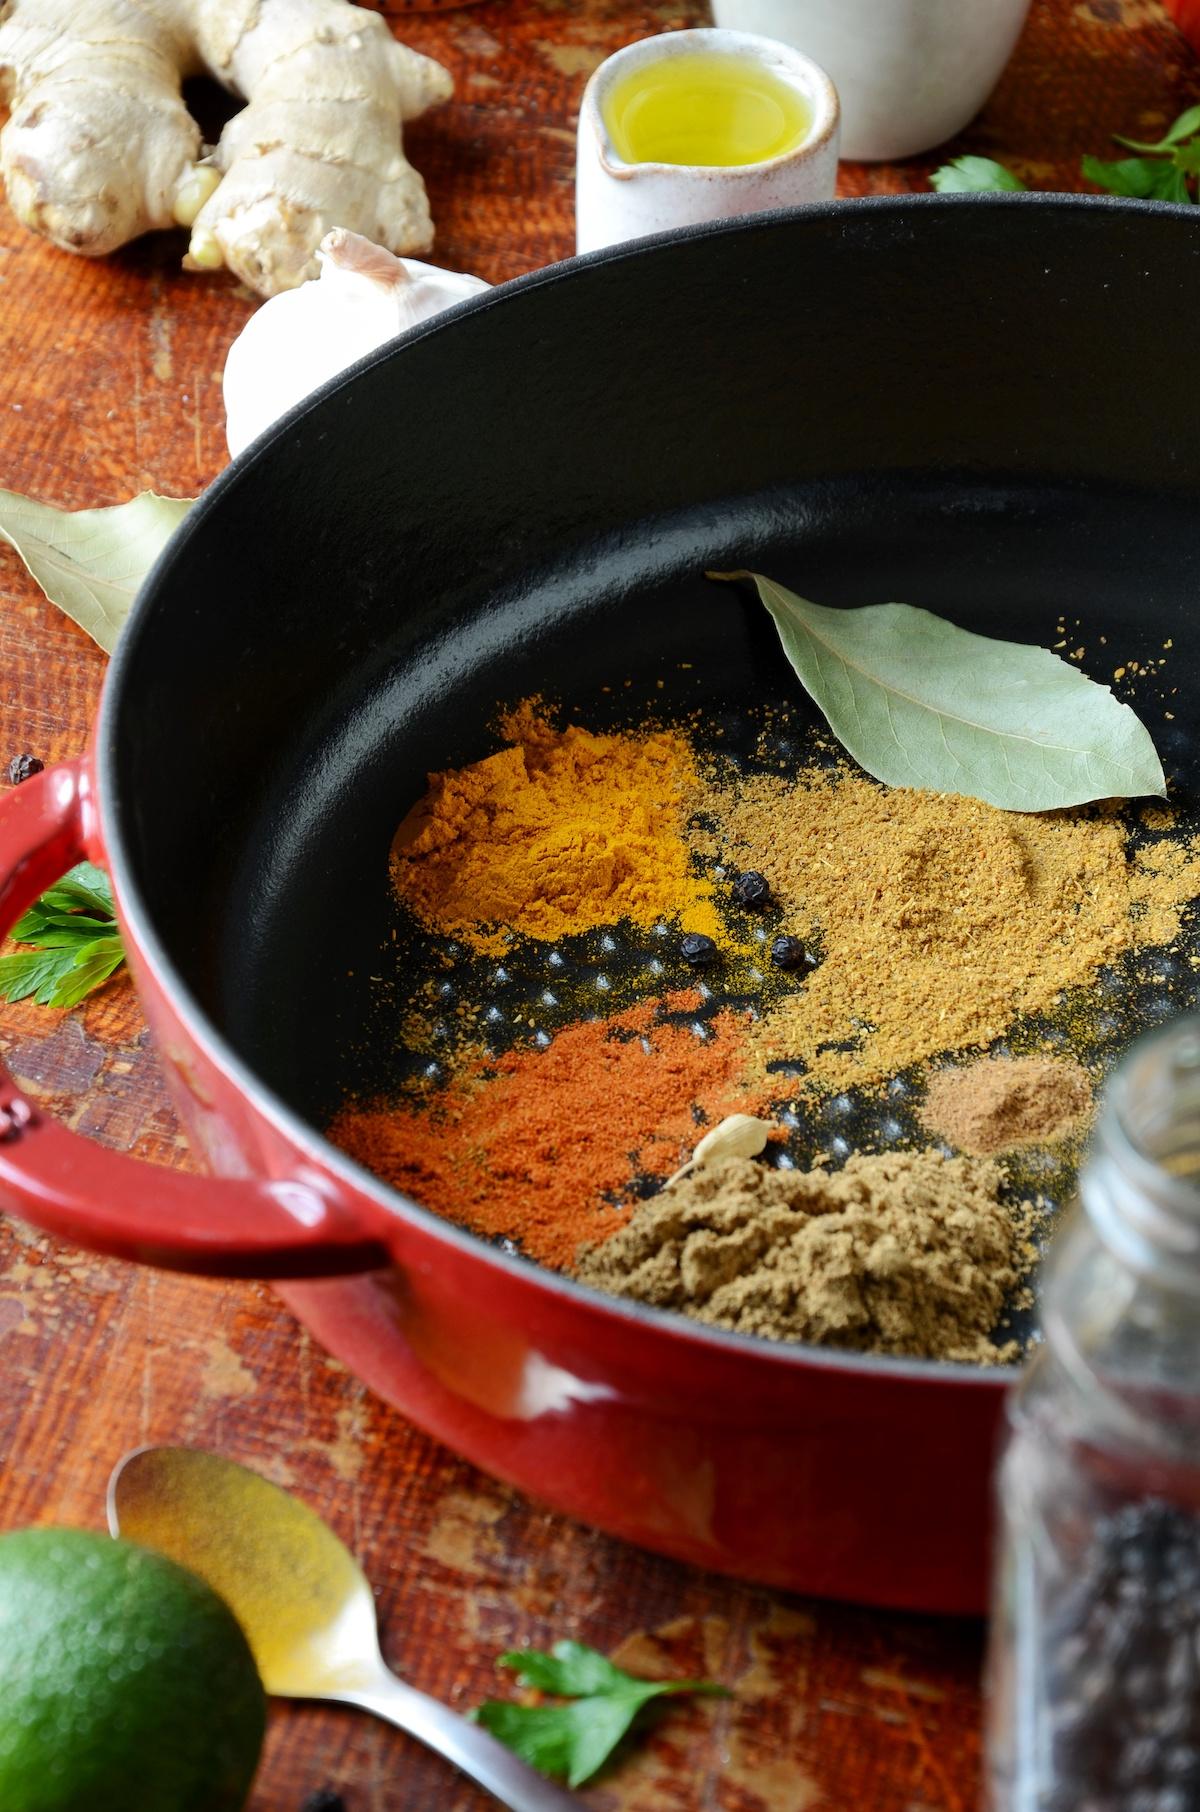 recette cuisine indienne reconnaitre épice cuisson casserole fonte